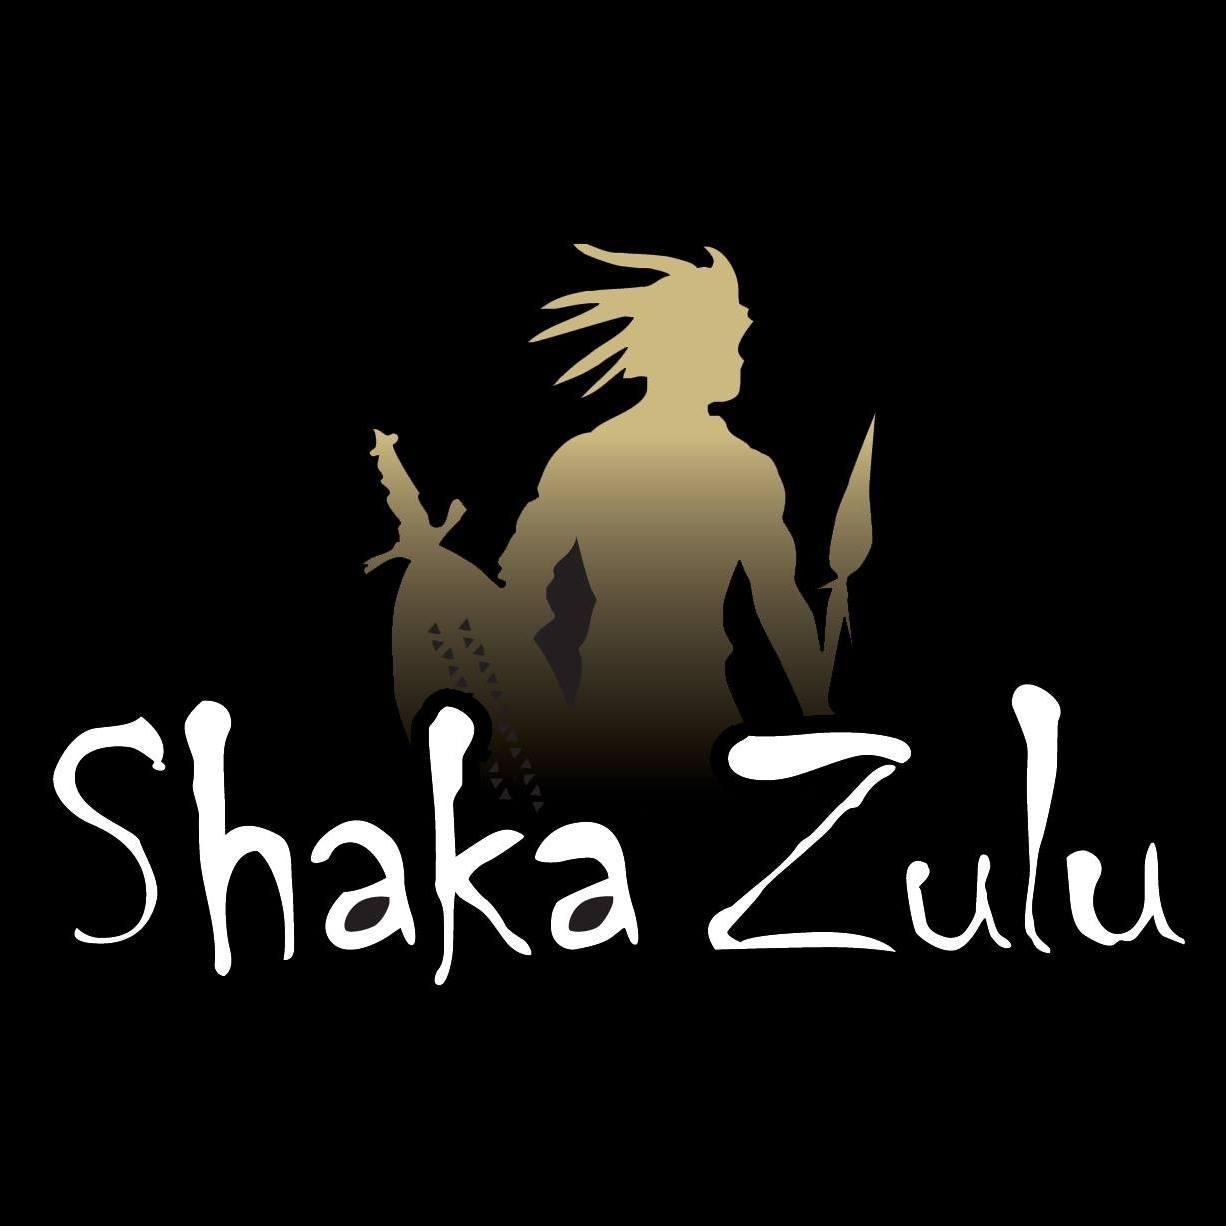 VIP at Shaka Zulu London